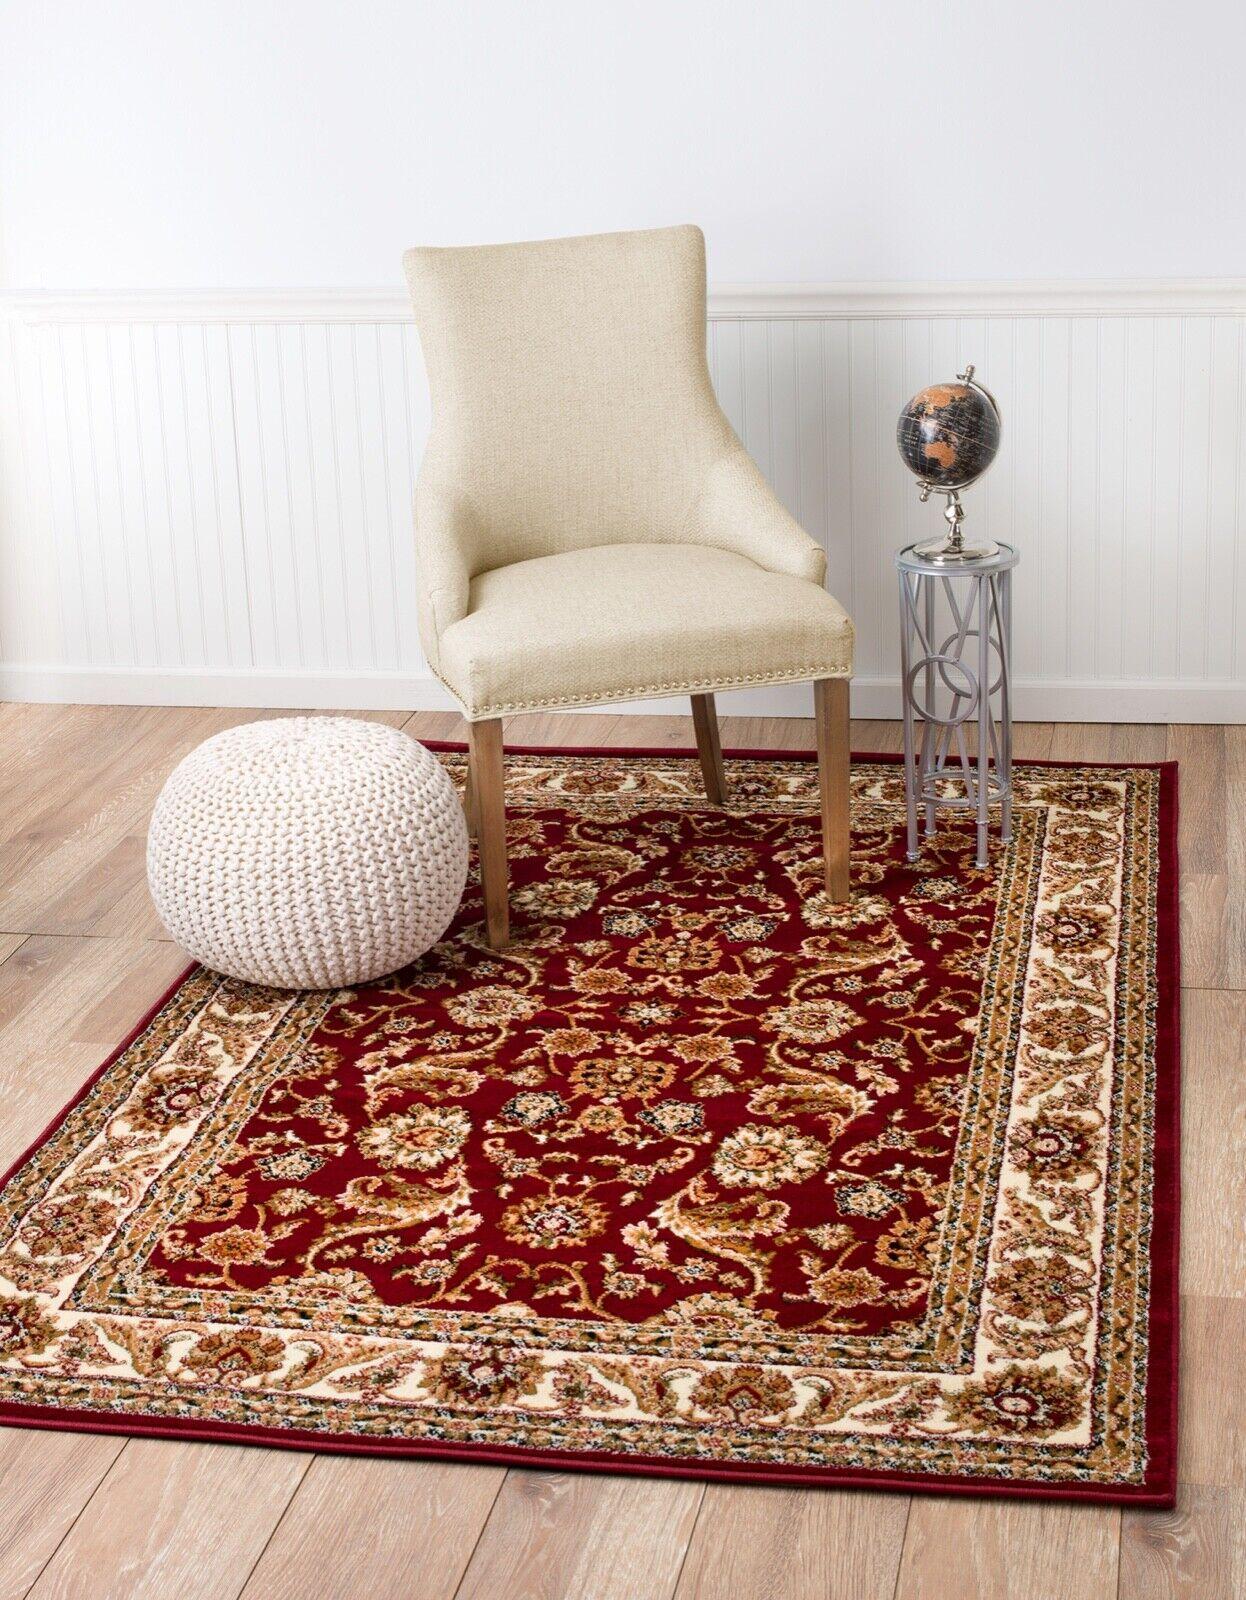 Area rug Smt#16 Traditional burgundy brown design soft pile